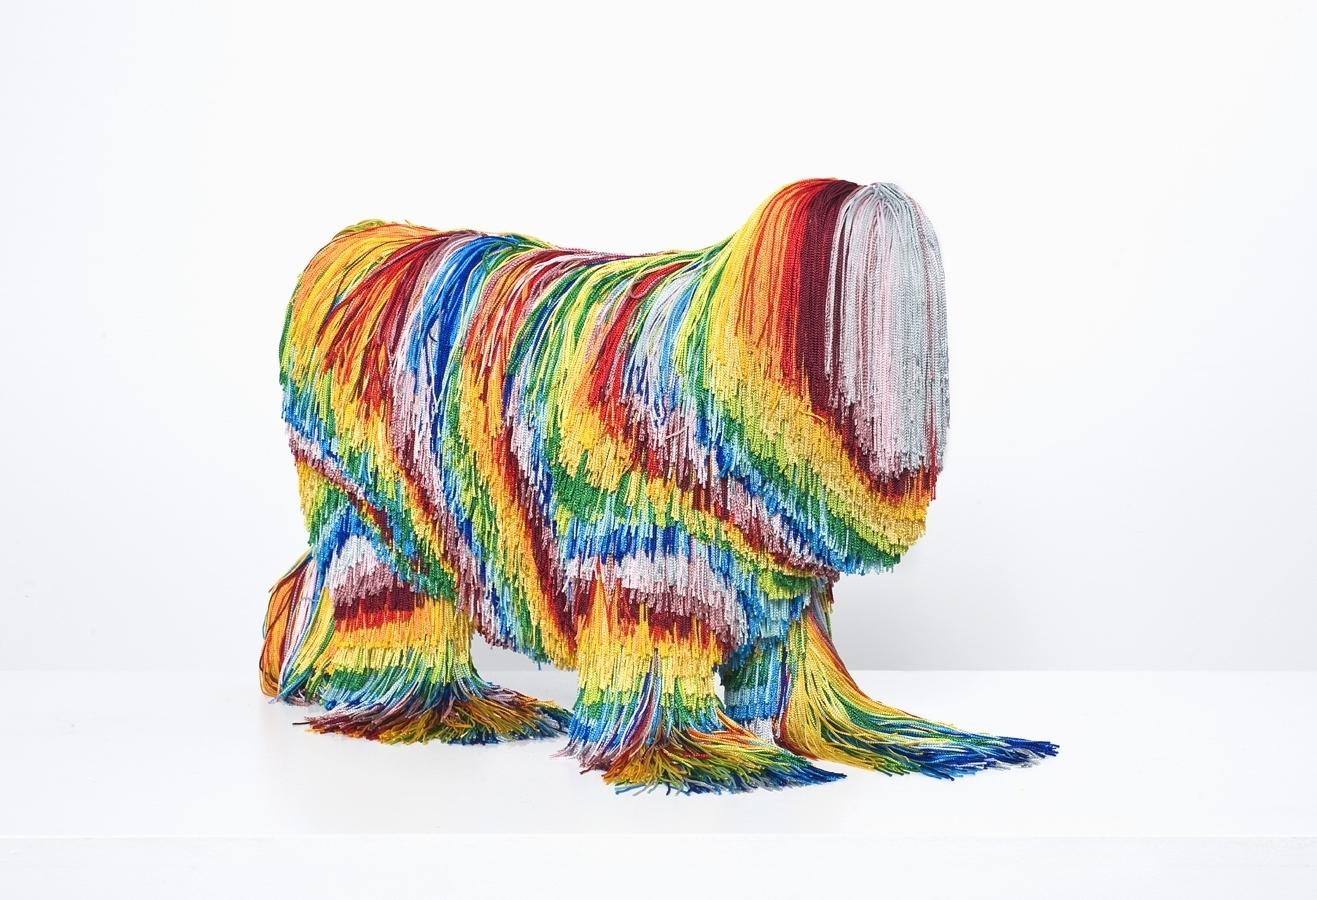 Rainbow Monkey 2013 image